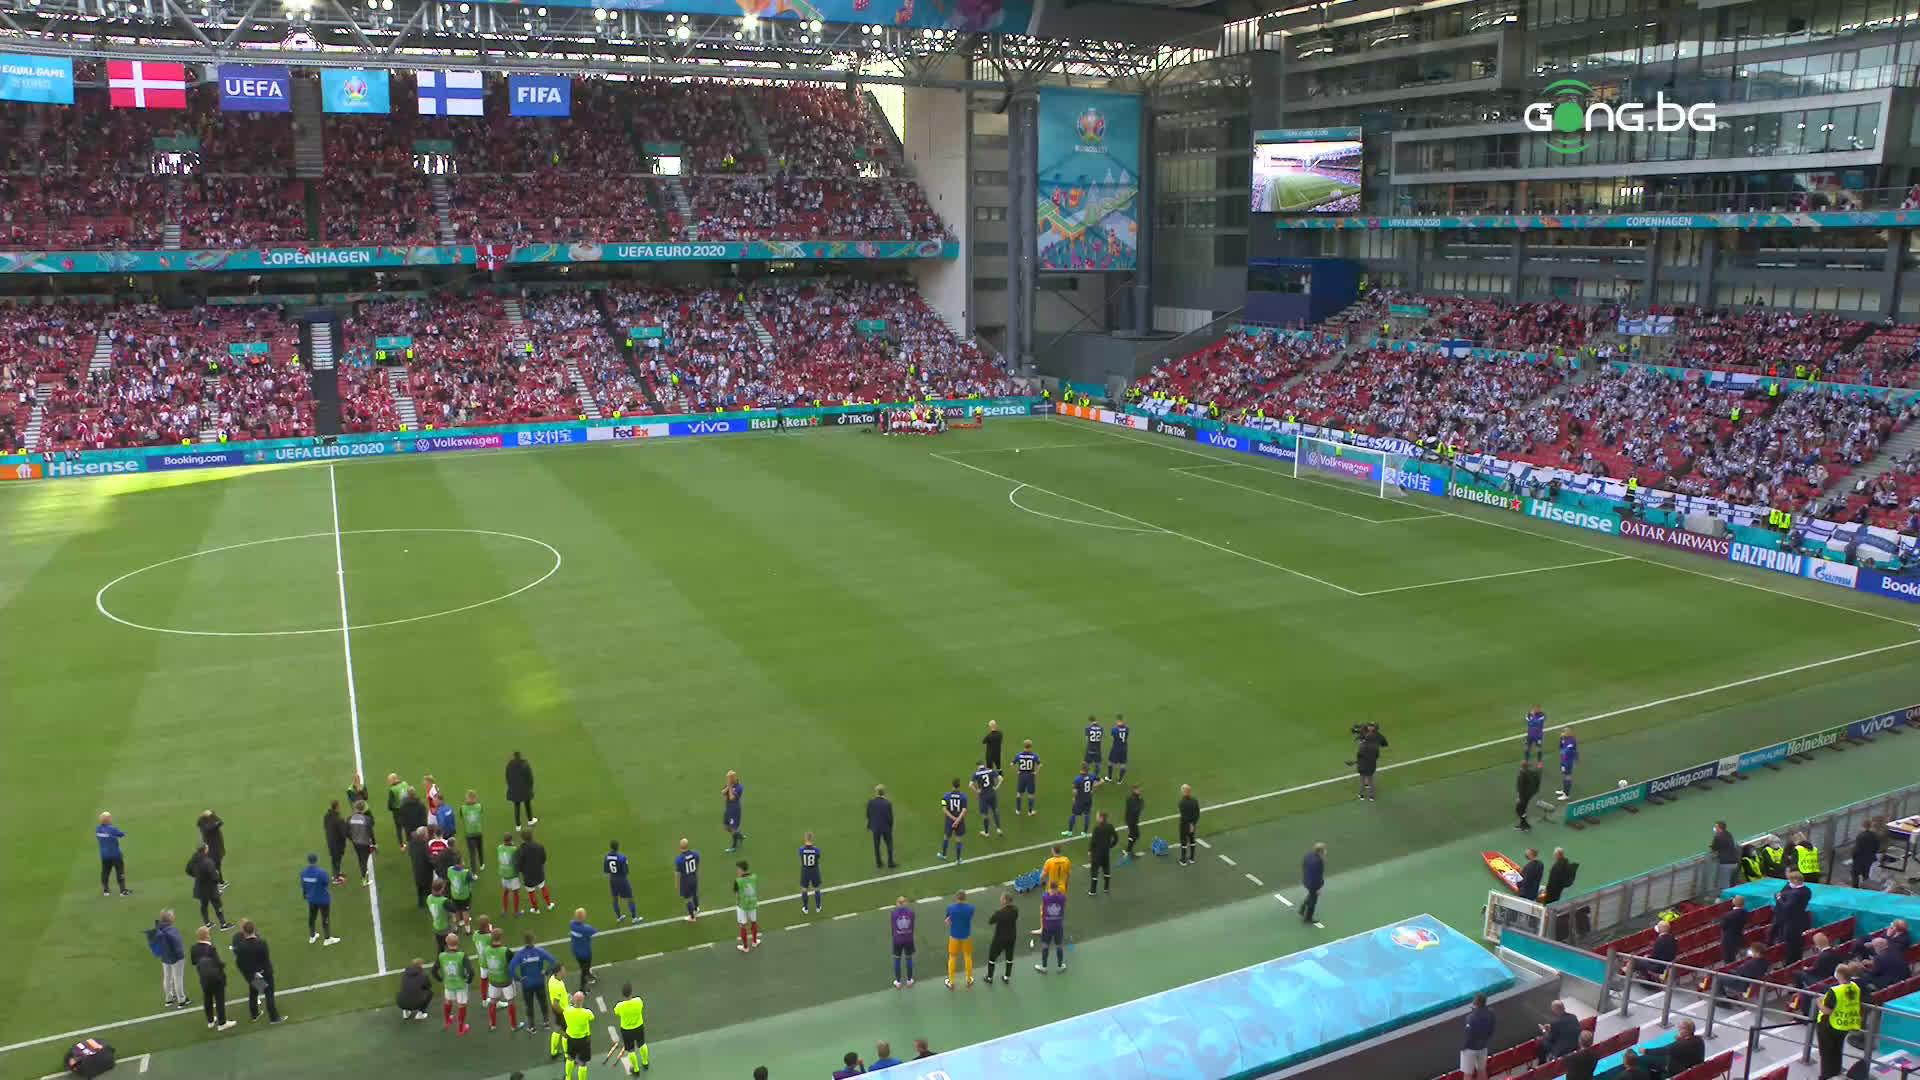 Кошмар! Смразяващи сцени прекъснаха Дания - Финландия